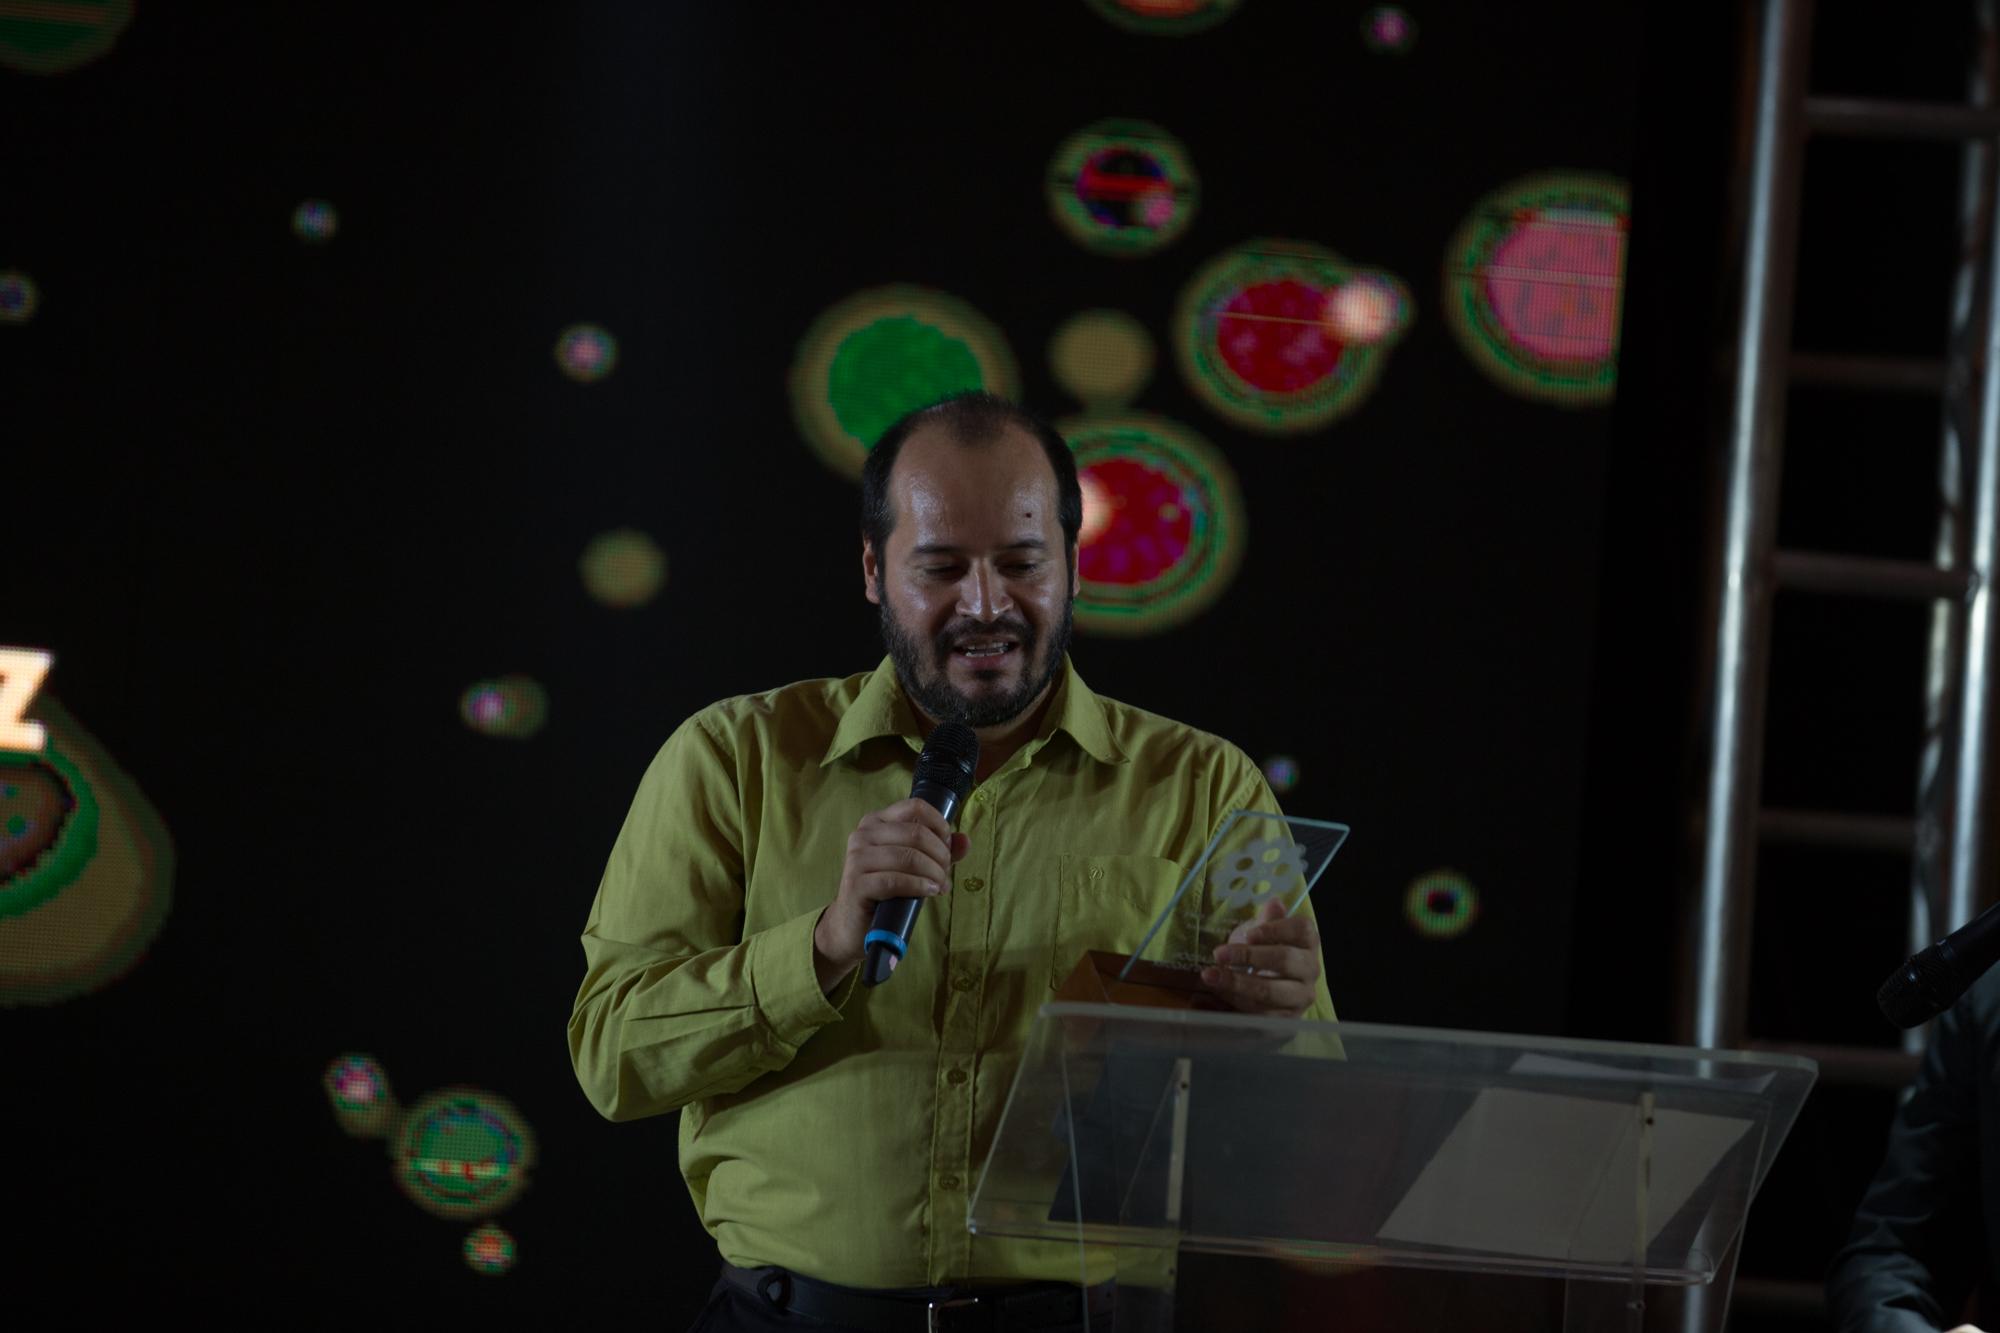 Carlos Gimenez, gran trabajador de la prensa, quien promociona el cine nacional de manera incansable recibió el galardón honorifico de este año.